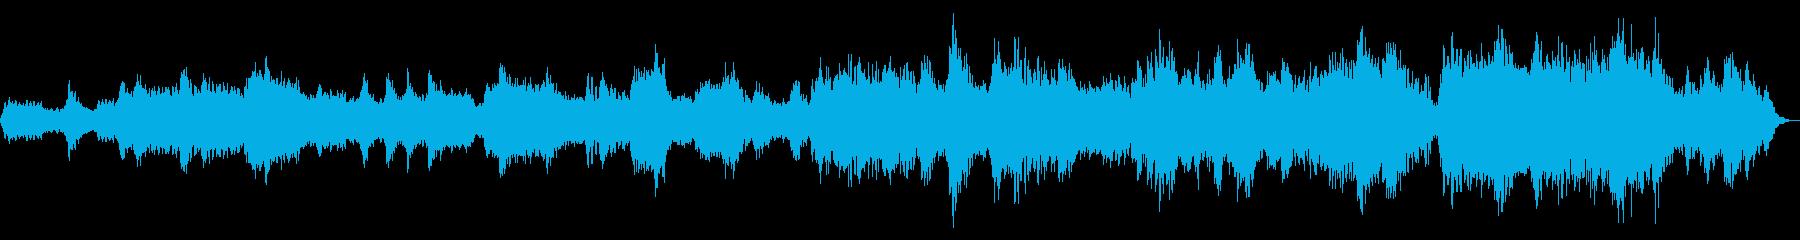 神秘的な響きのヒーリングミュージックの再生済みの波形